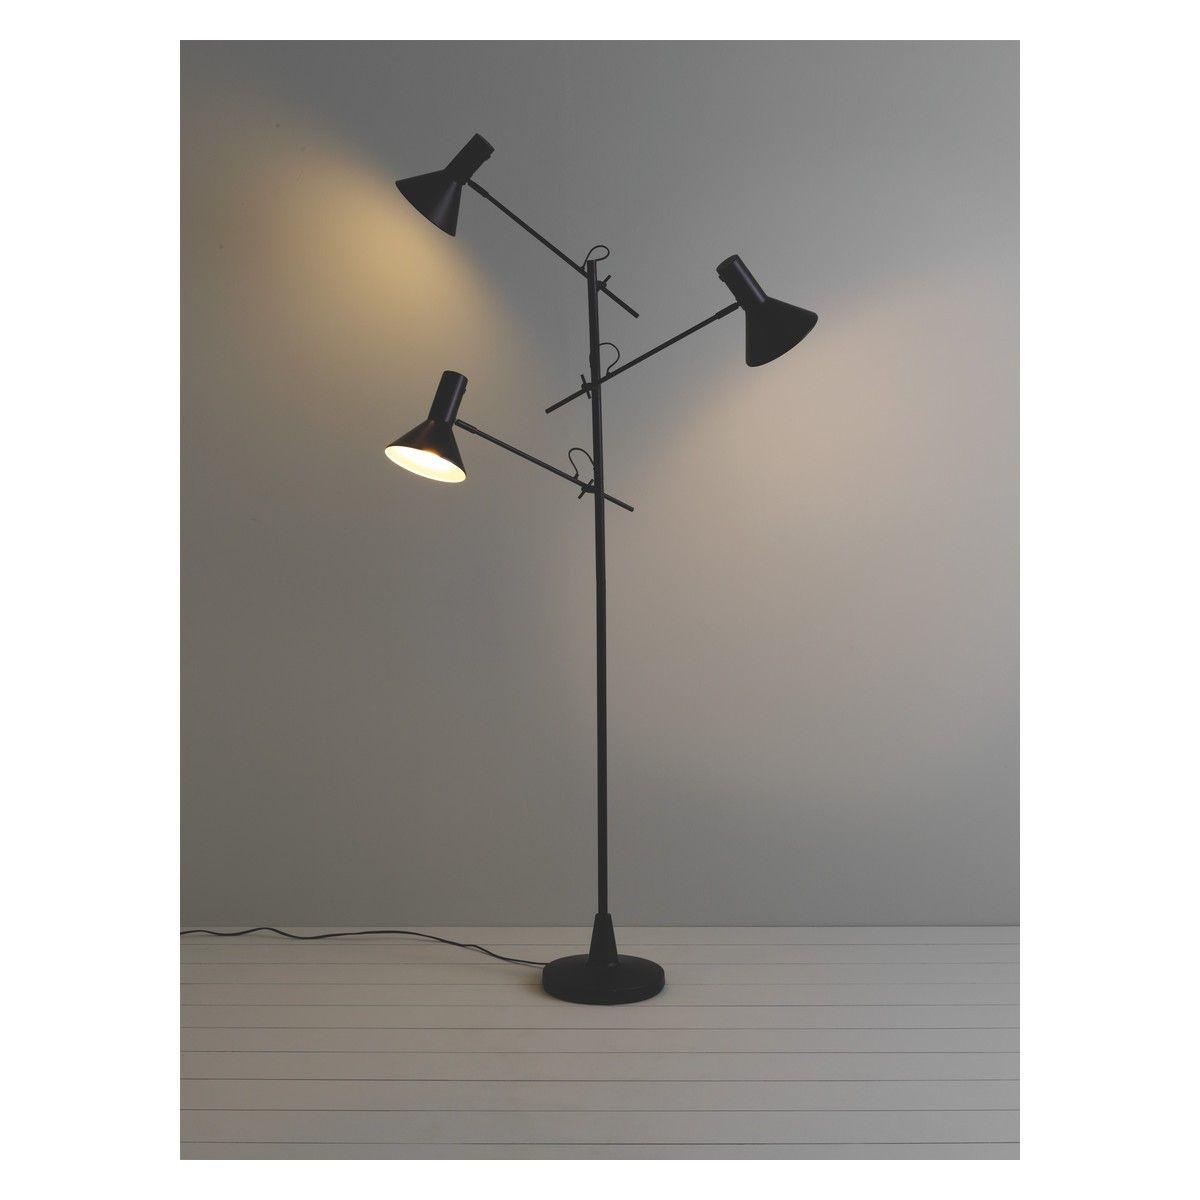 NYX Black 3 head metal floor lamp | Floor lamp, Metals and Lights